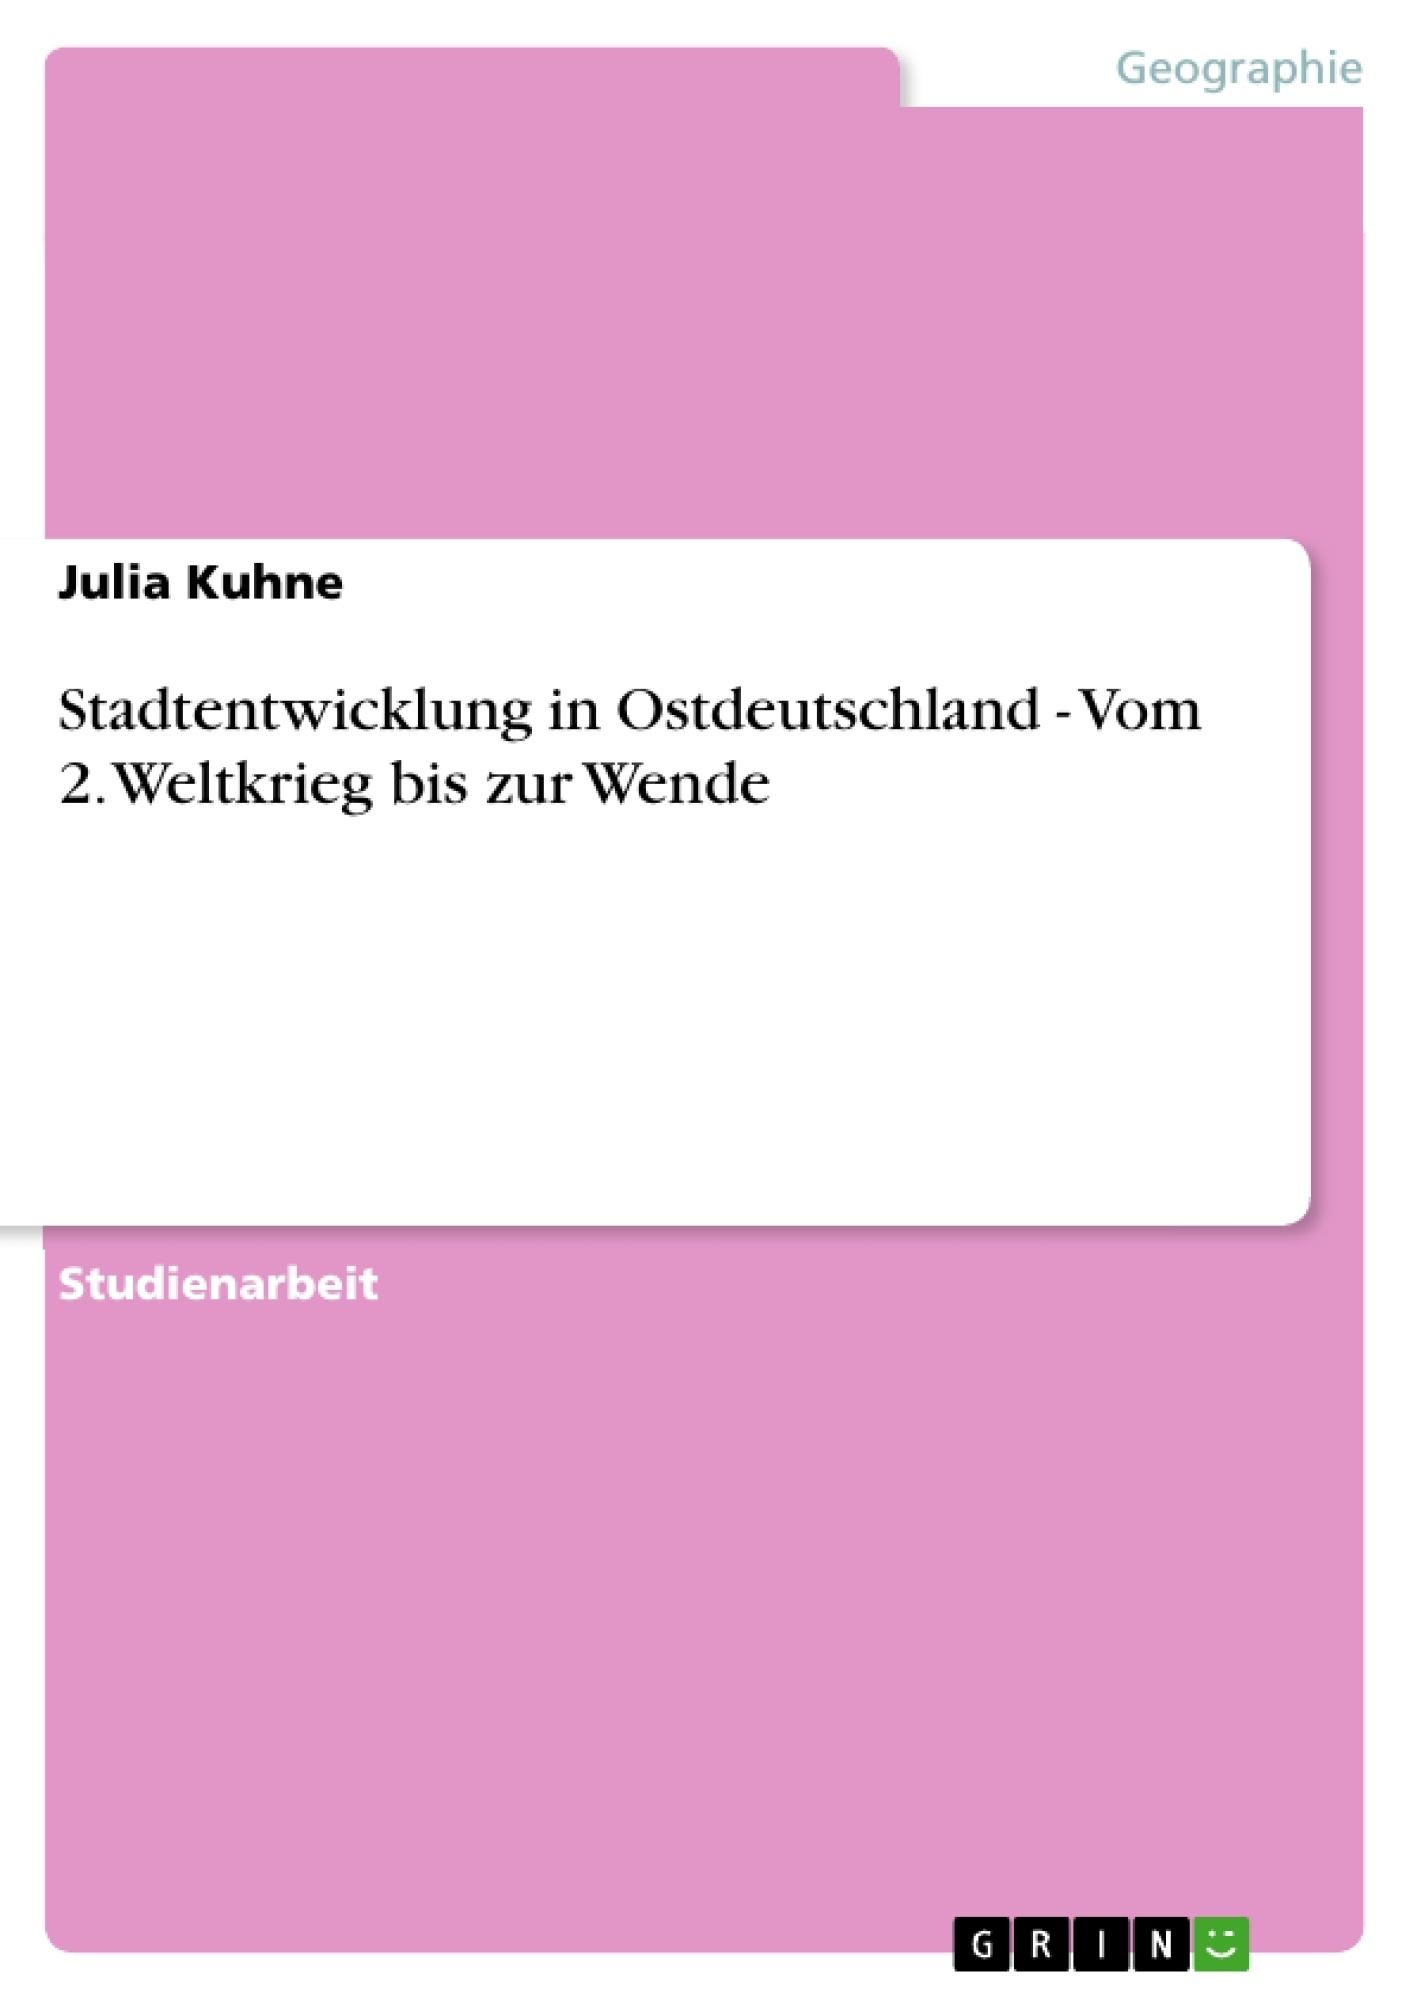 Titel: Stadtentwicklung in Ostdeutschland - Vom 2. Weltkrieg bis zur Wende